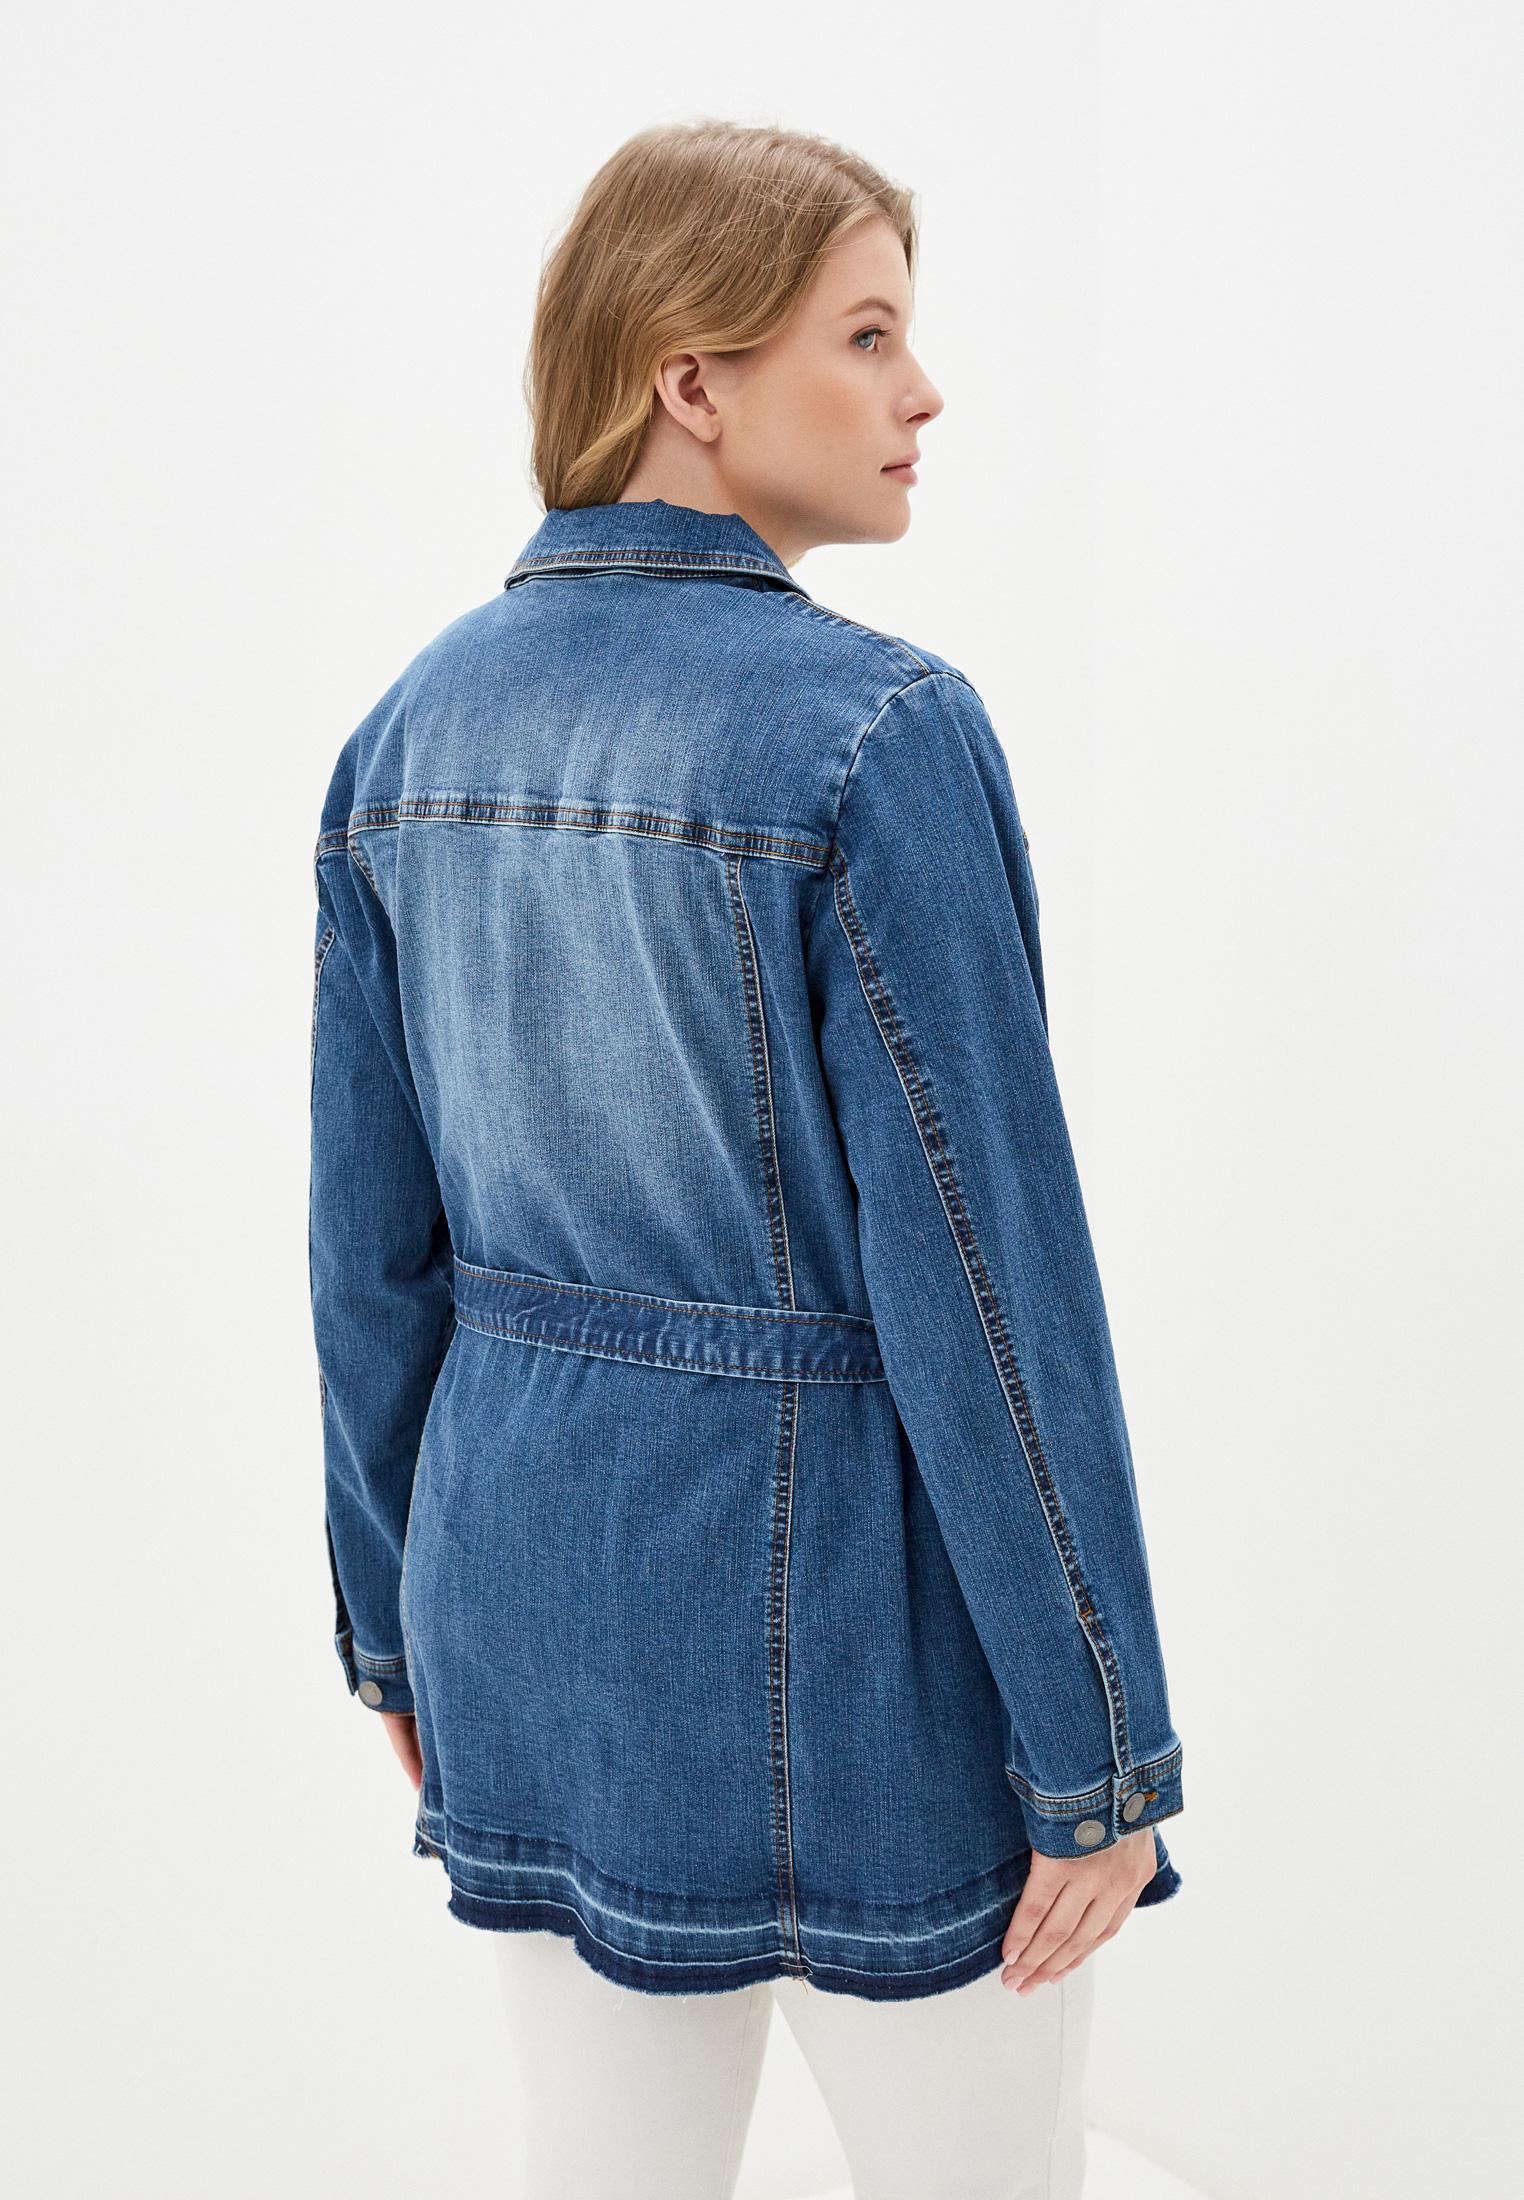 Джинсовая куртка Ulla Popken (Улла Пупкин) 727288: изображение 3